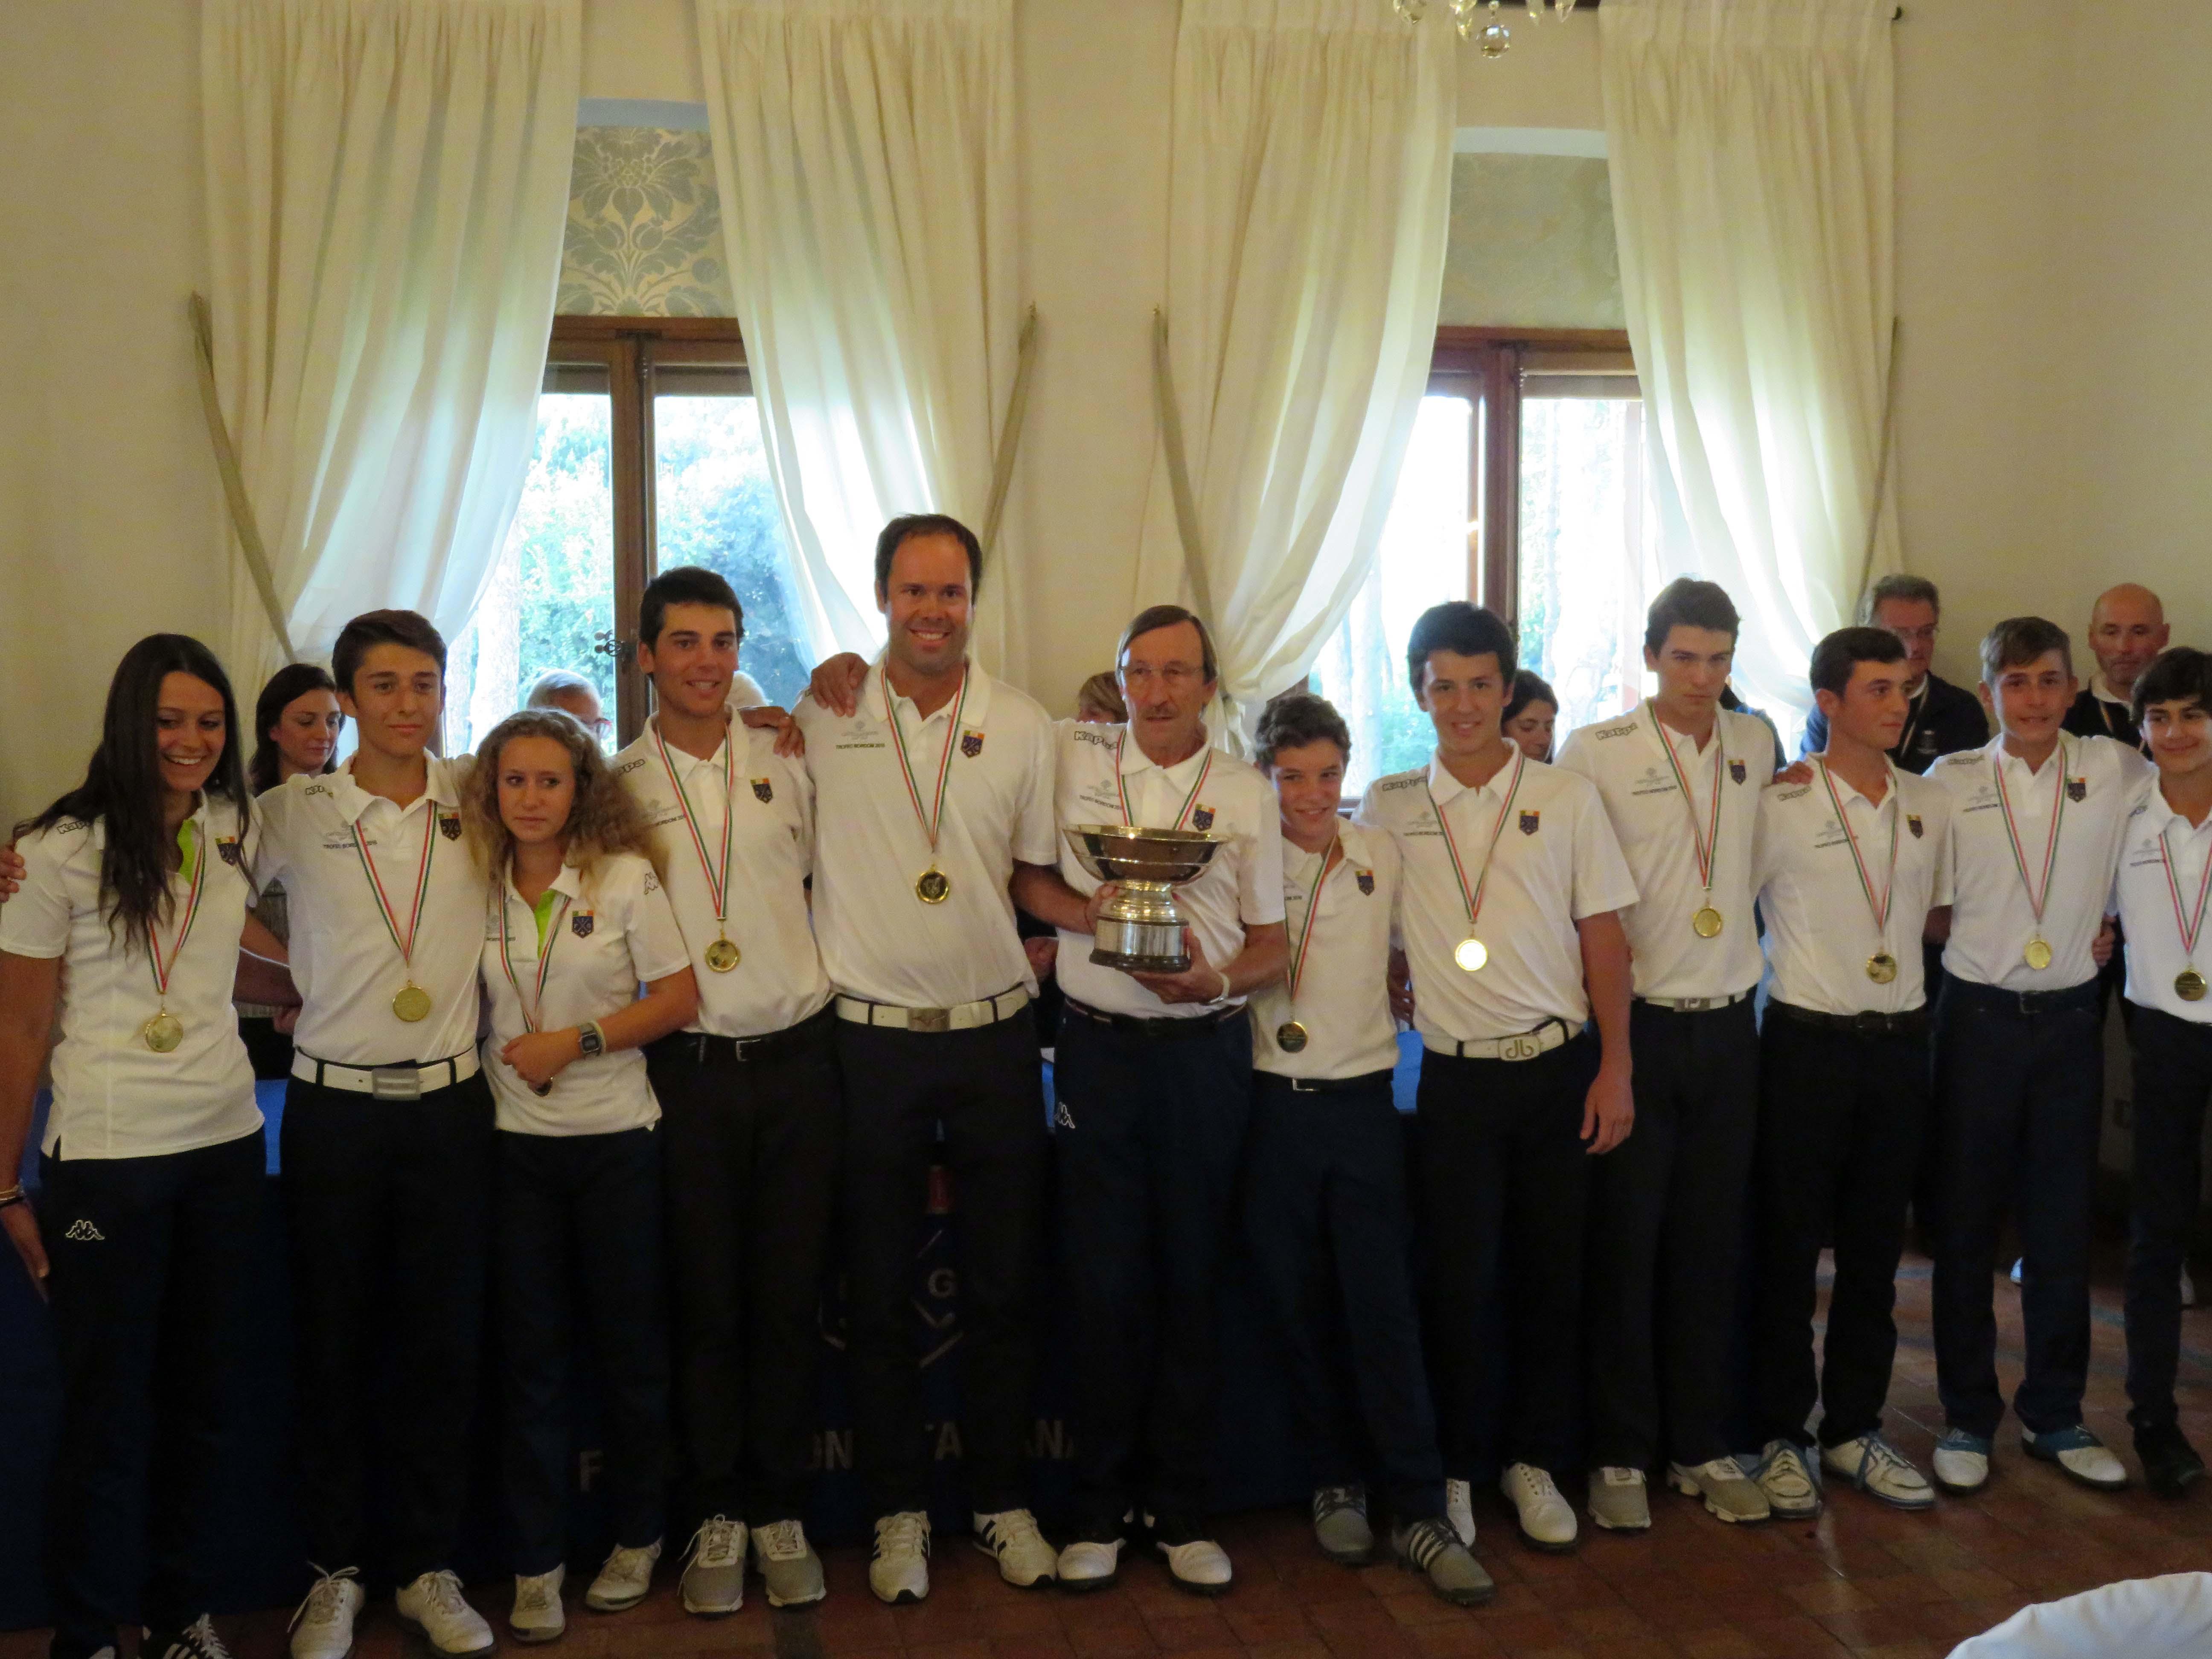 squadra lazio bordoni 2015